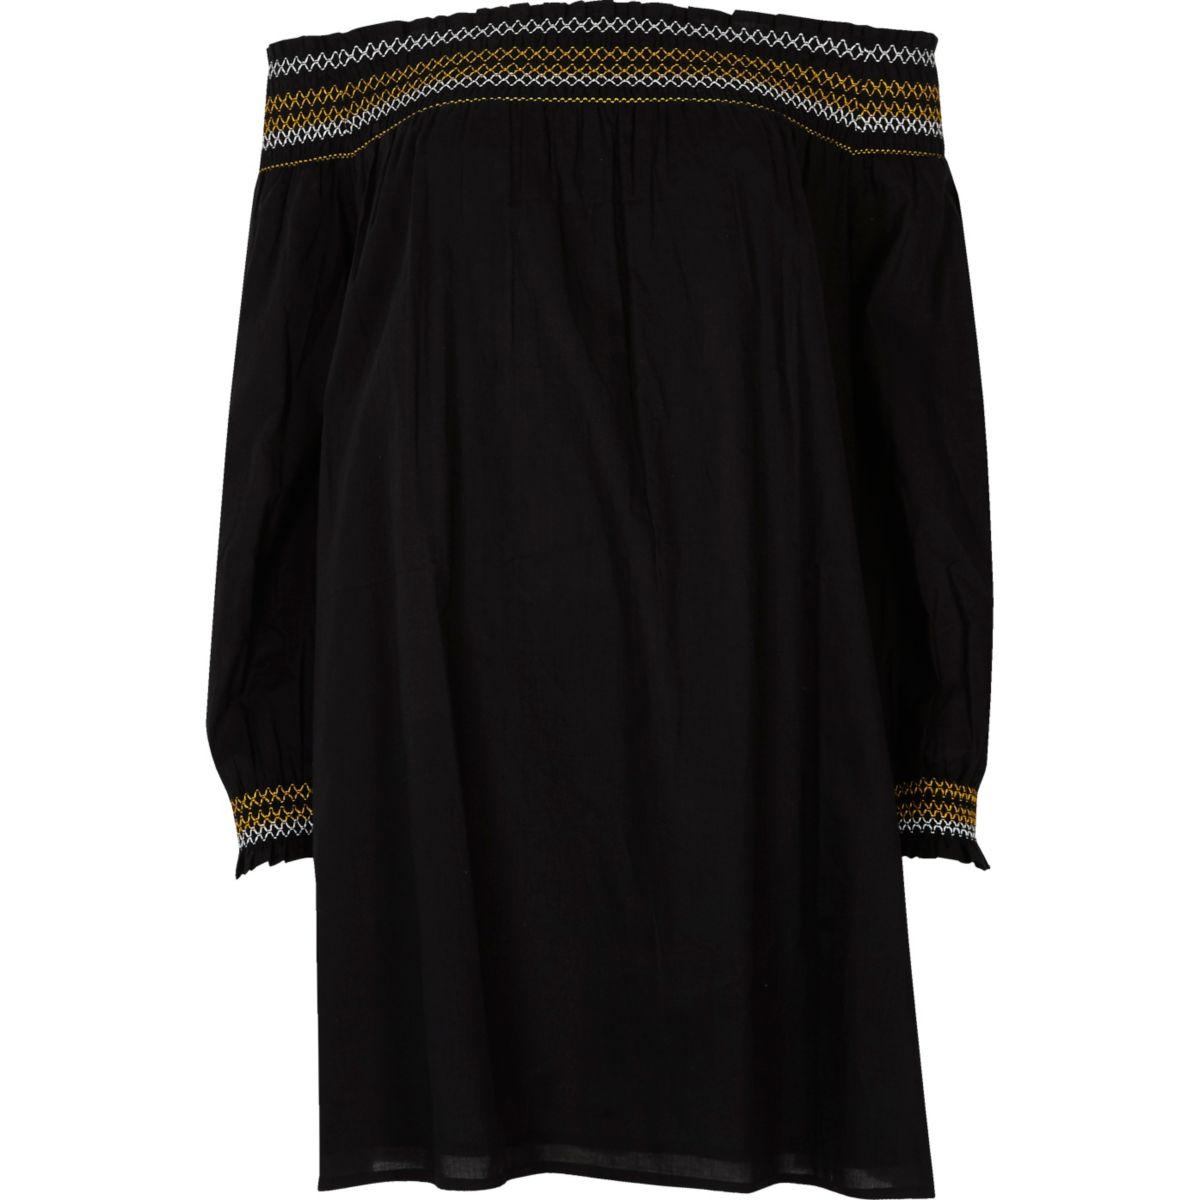 Schwarzes Smock-Kleid mit Schulterausschnitten und Stickerei